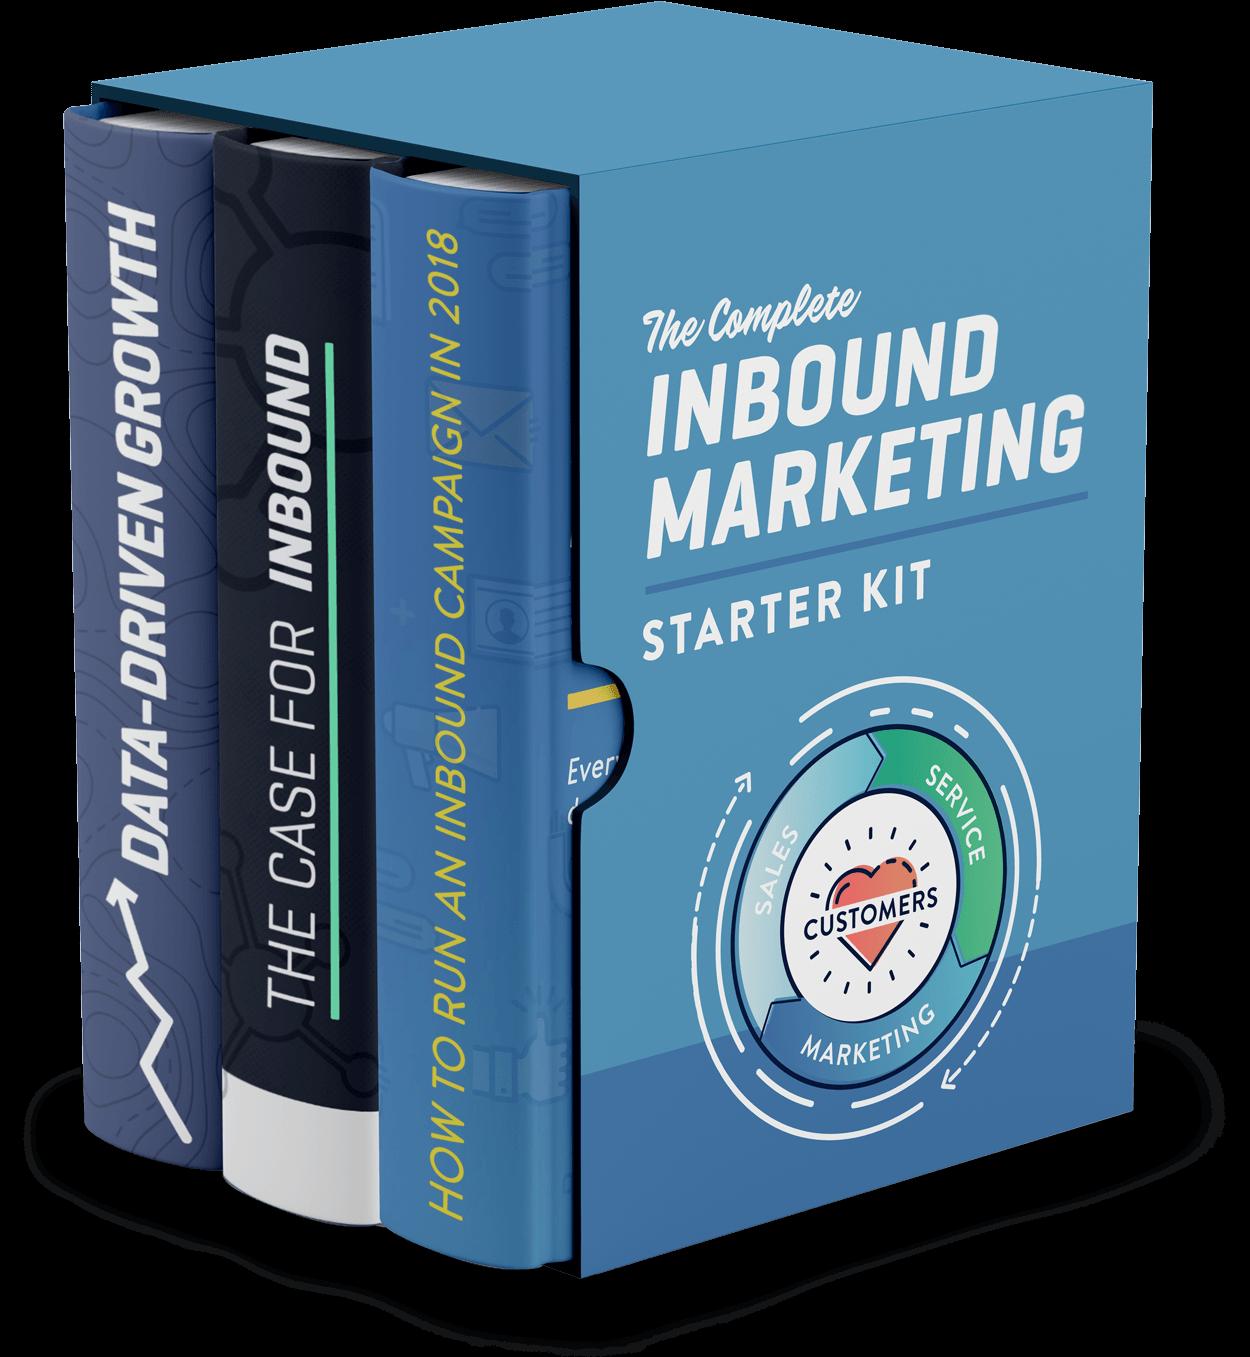 Inbound marketing starter kit